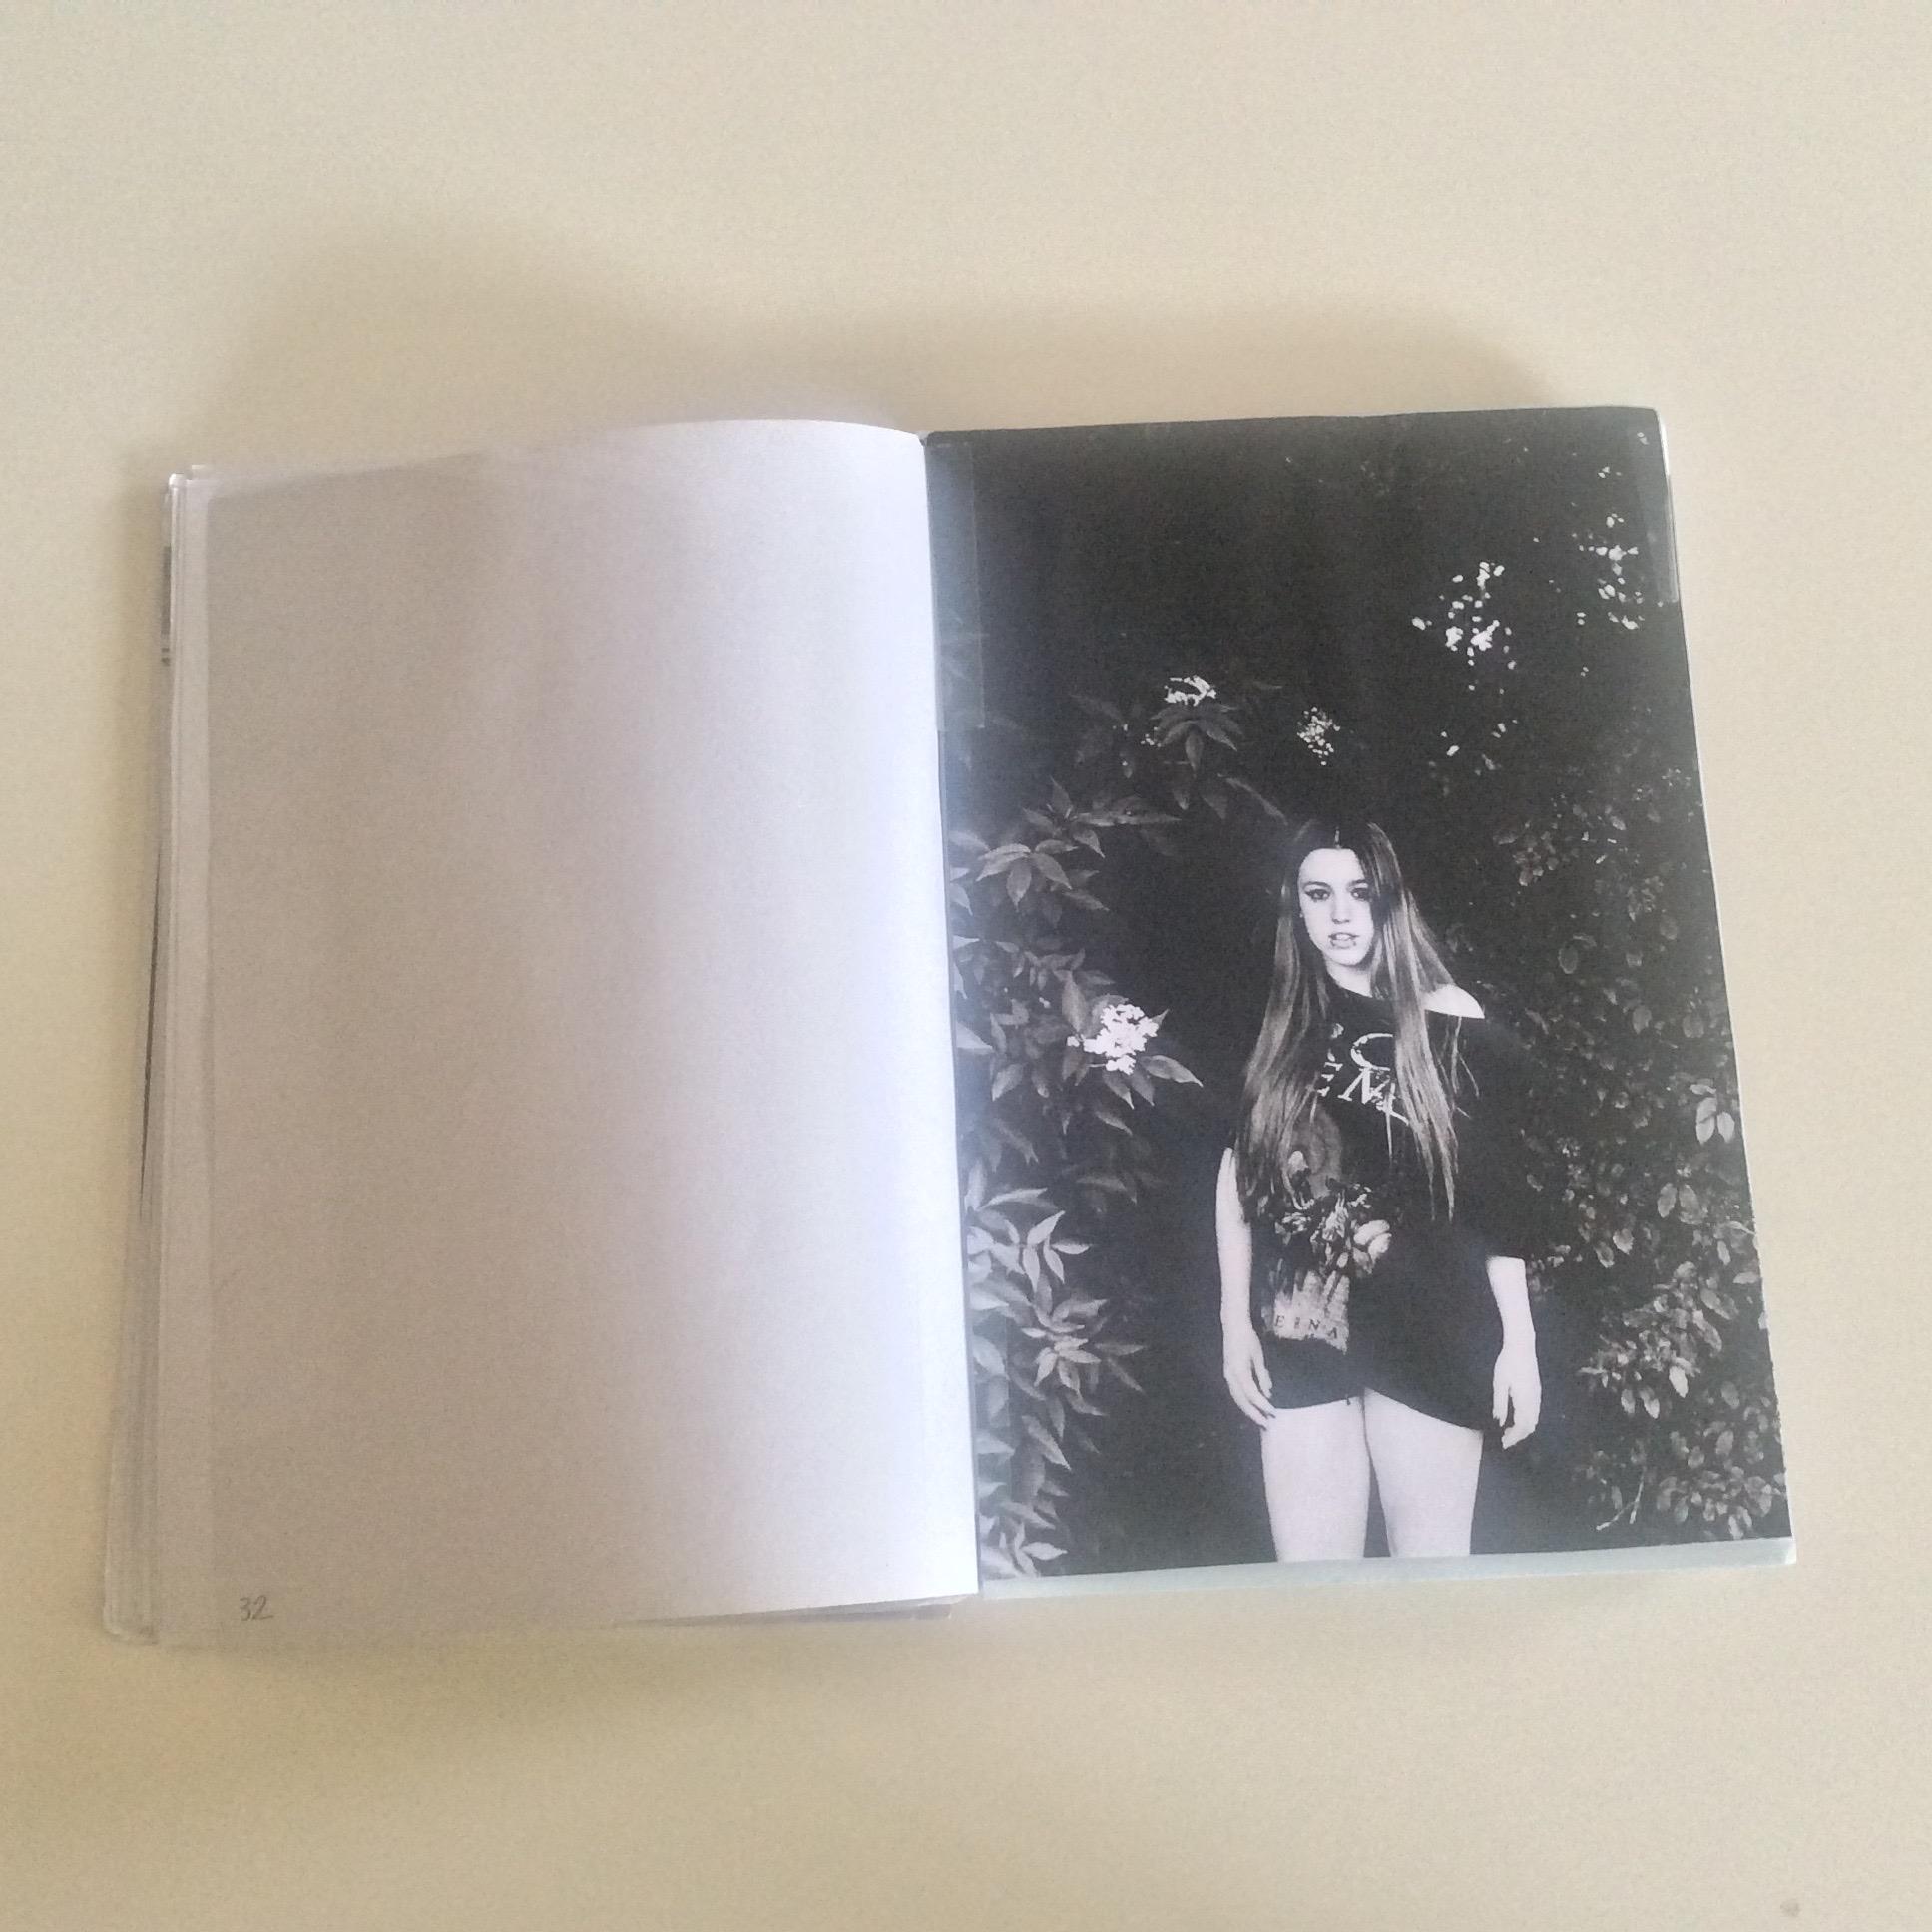 Photographies Sabrina Karp-dessin du livre Claire Jolin-les editions orange claireIMG_1469